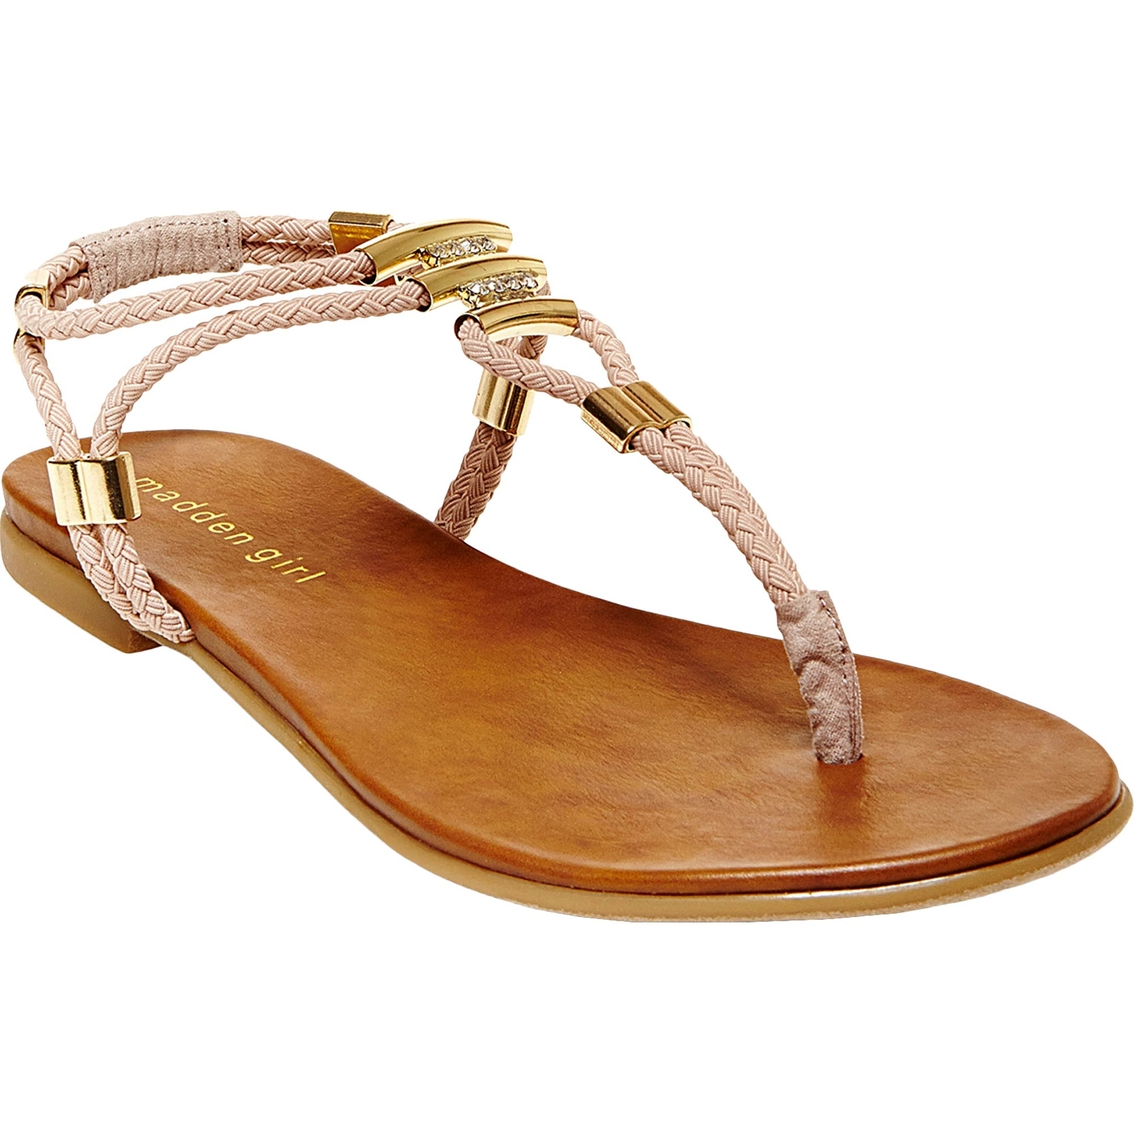 9a61e69b7 Madden Girl Flexii Woven Thong Flat Sandal